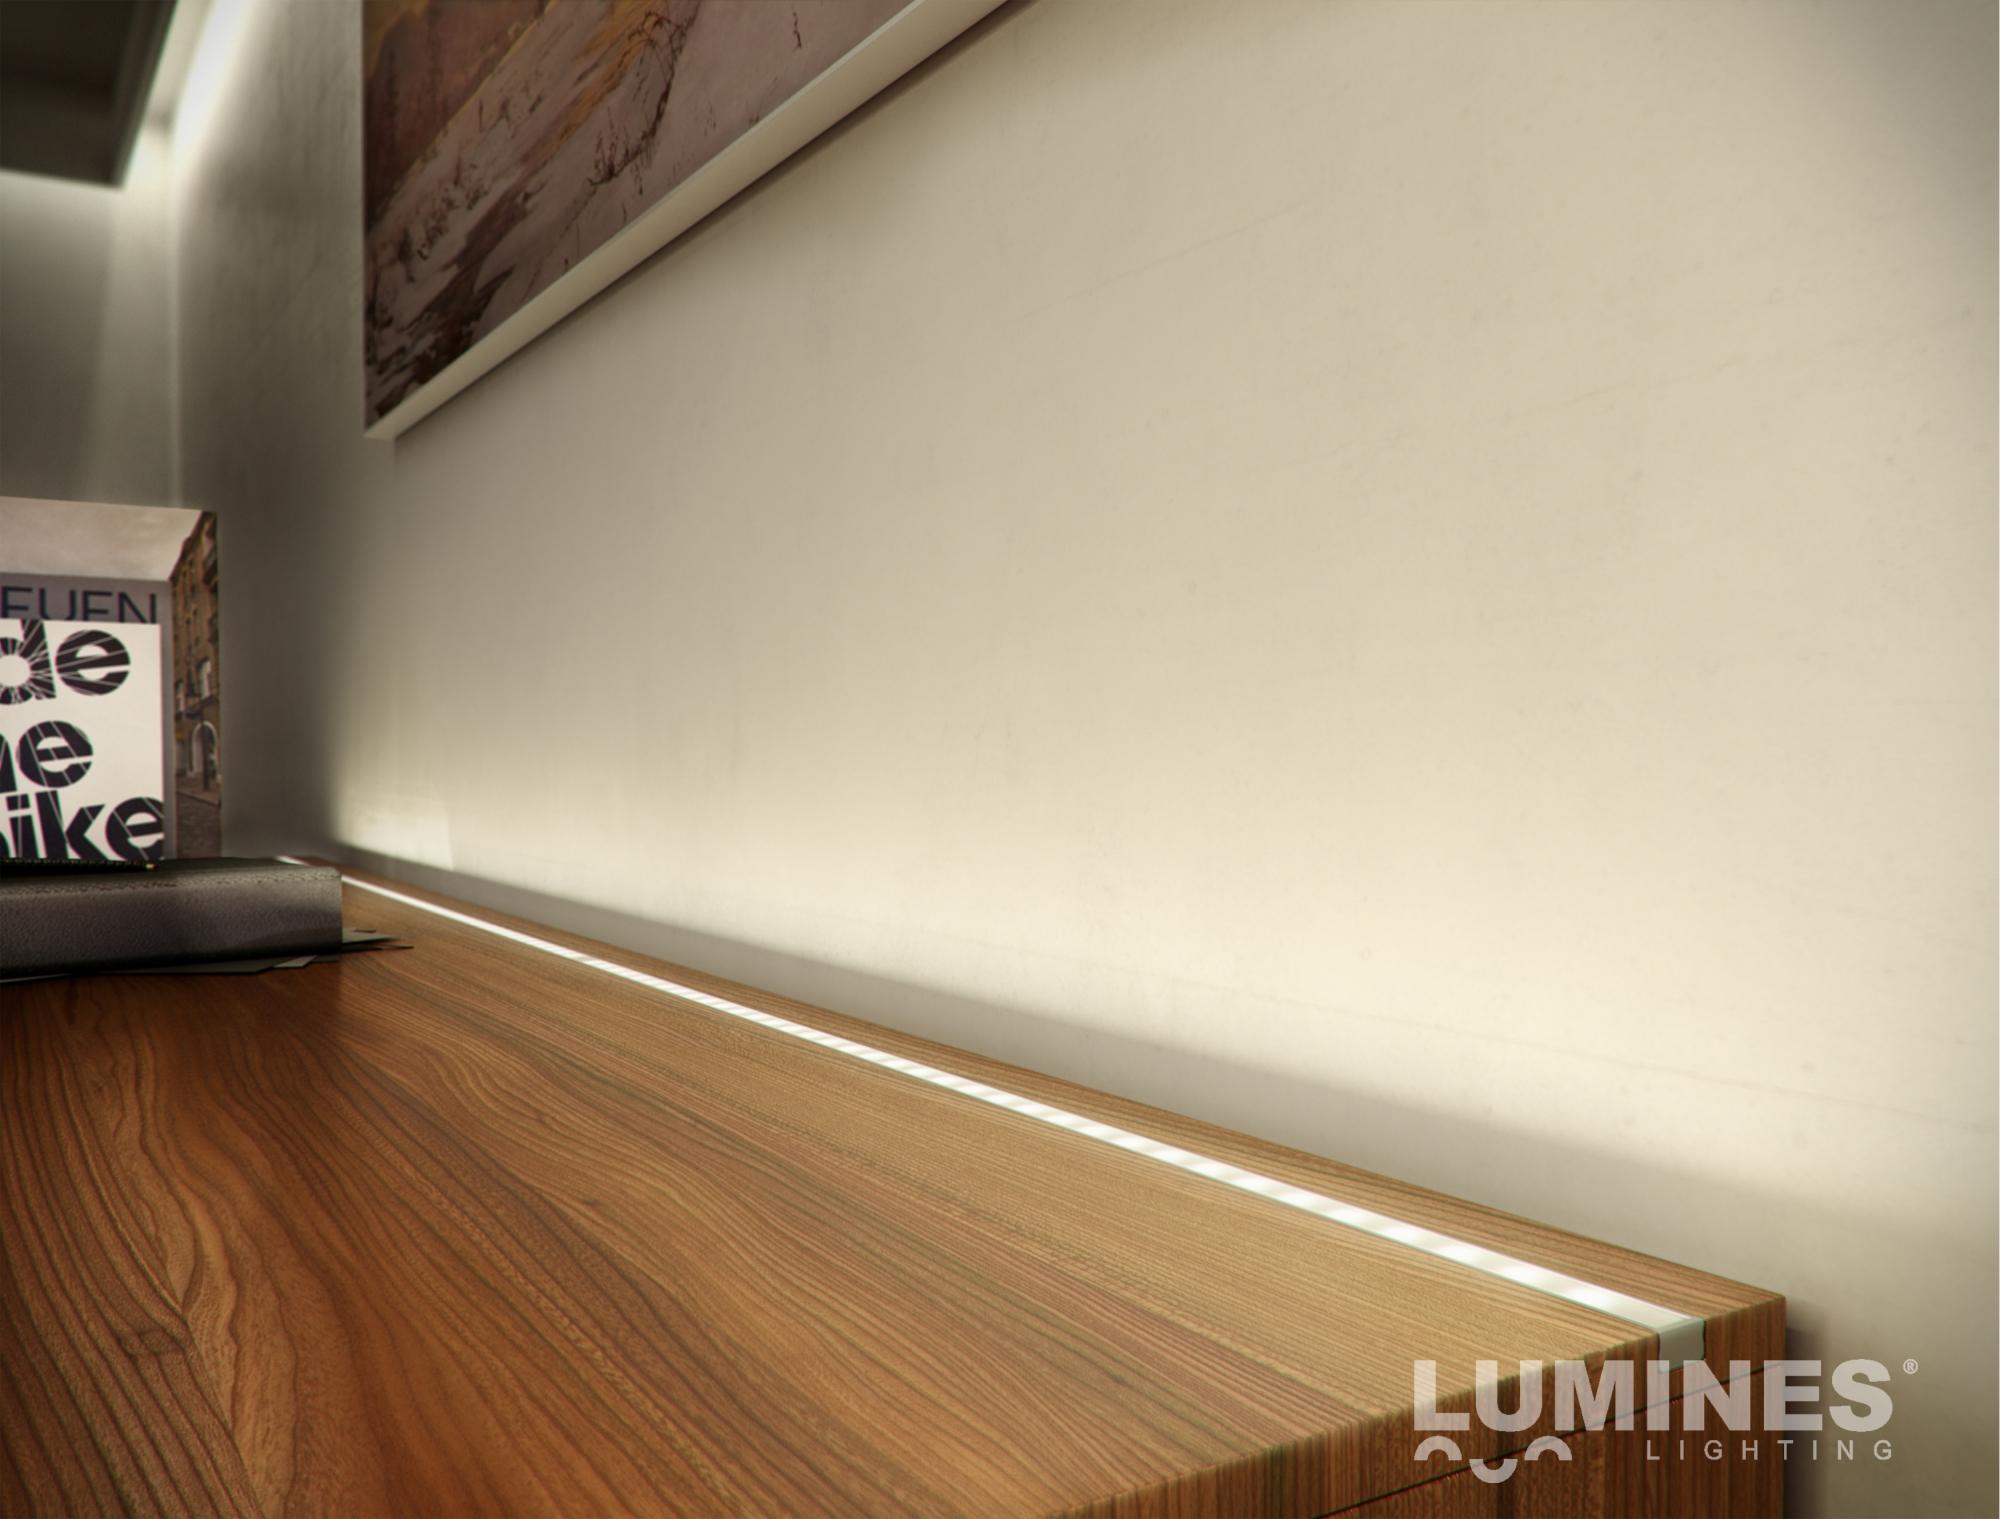 profile aluminiowe led